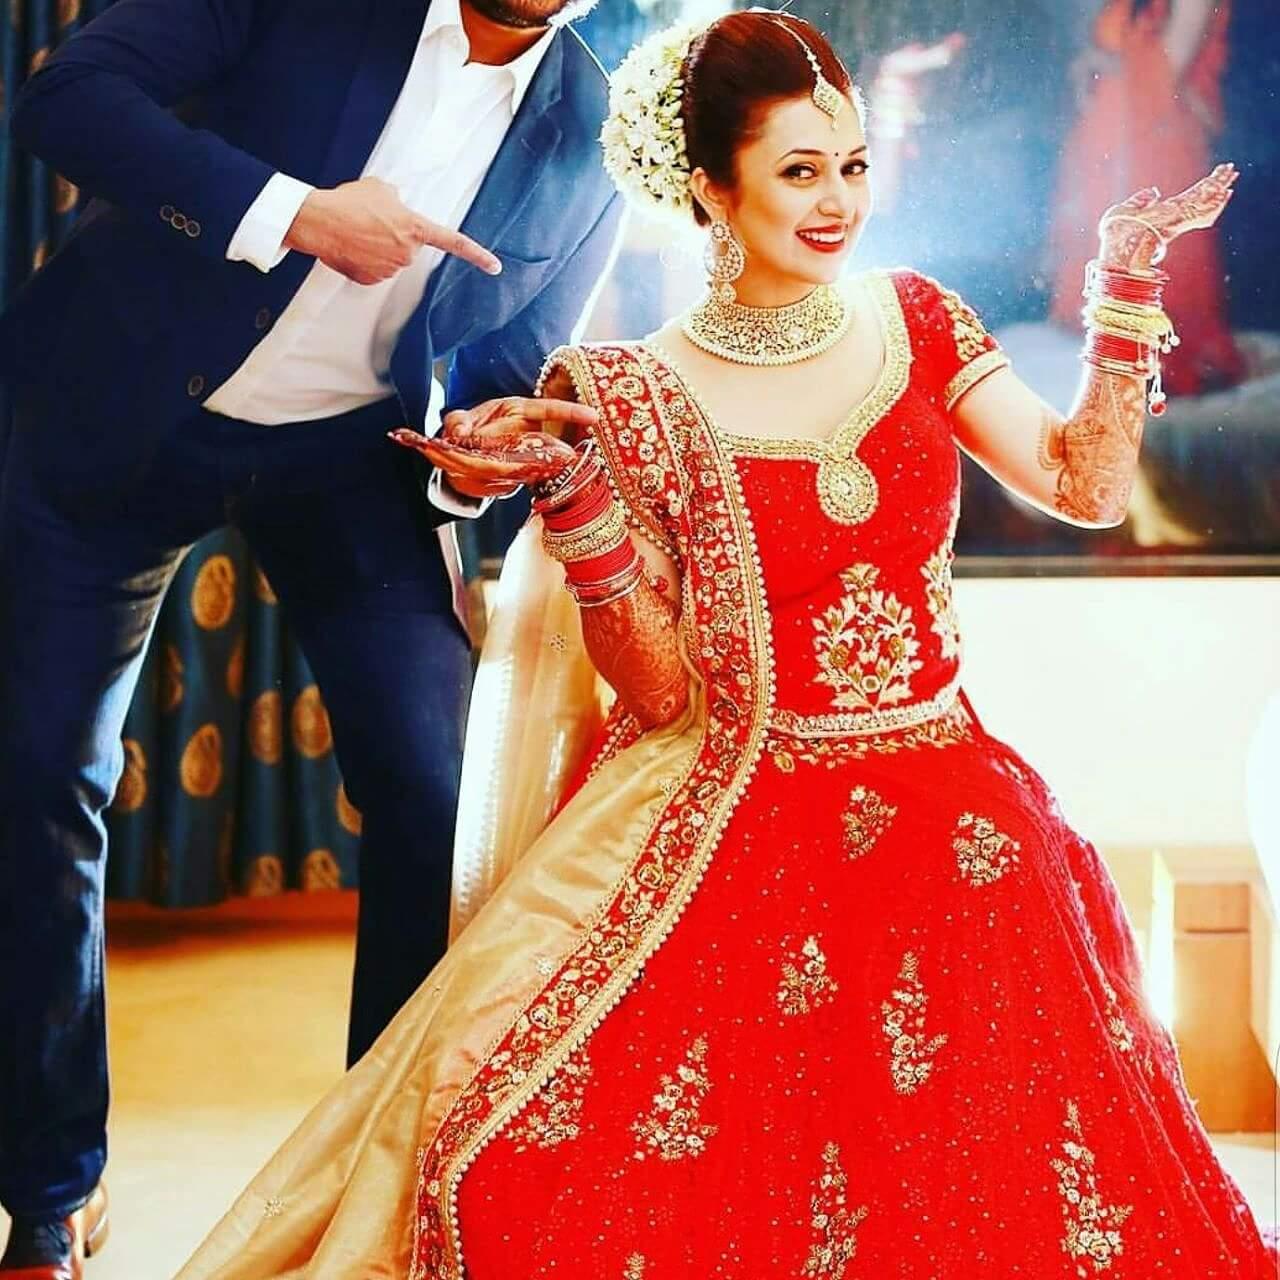 Photos - Divyanka Tripathi & Vivek Dahiya Wedding & Reception Pics (13)